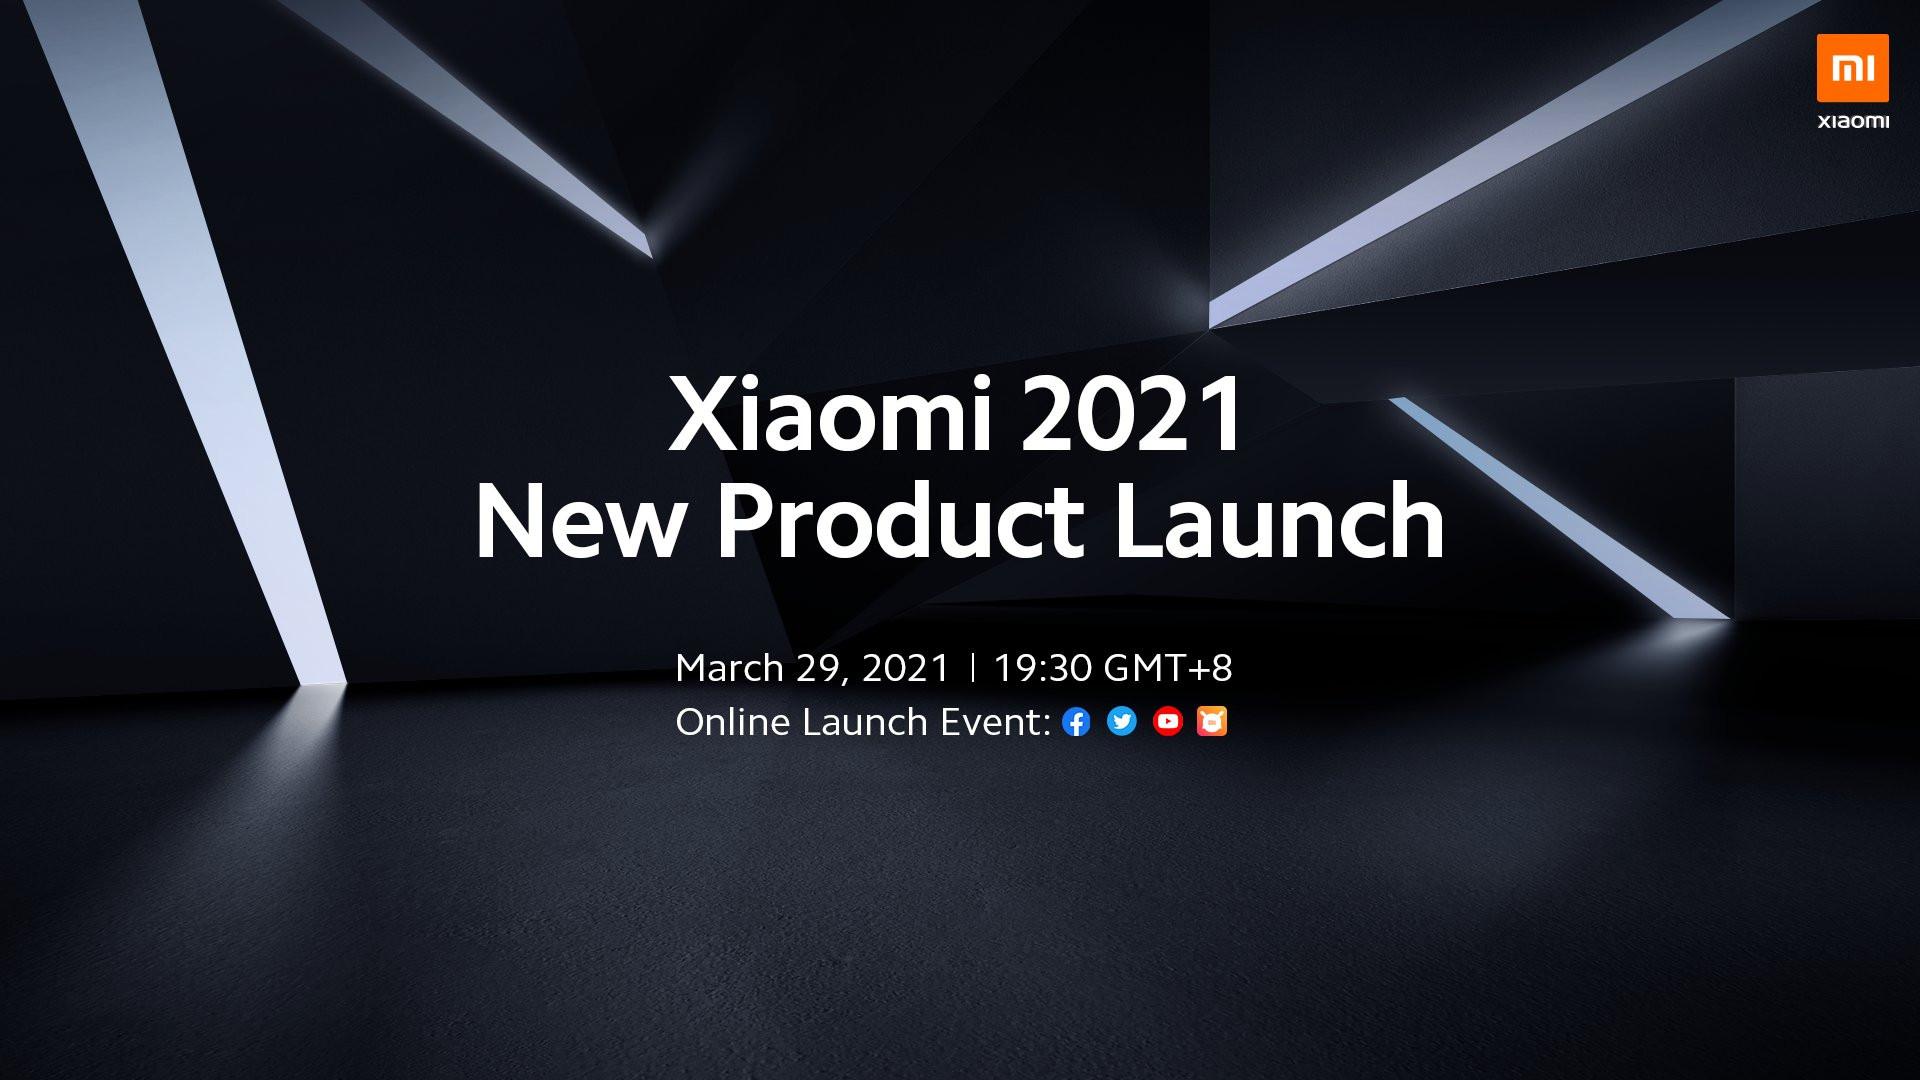 Todo esto es lo que Xiaomi presentará el próximo lunes 29